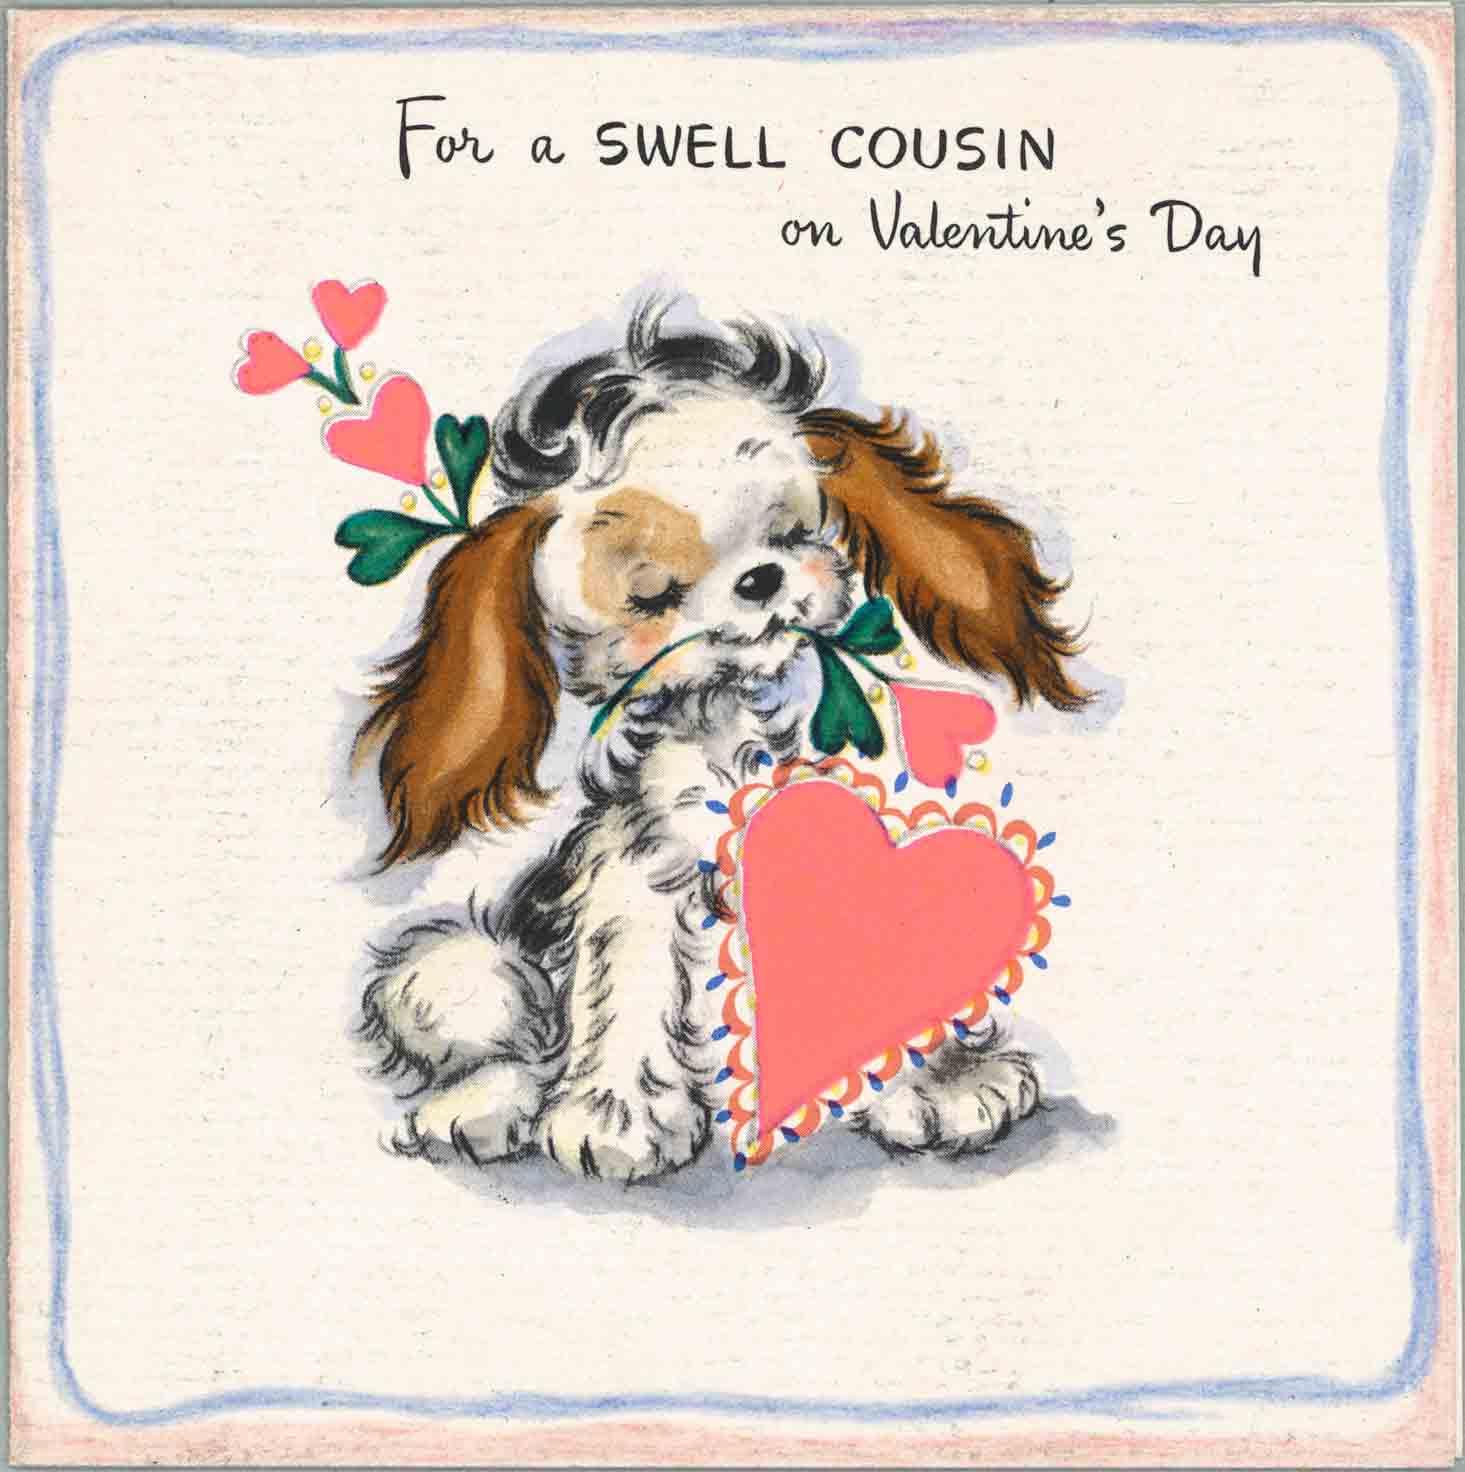 1947 Valentine's Day Card